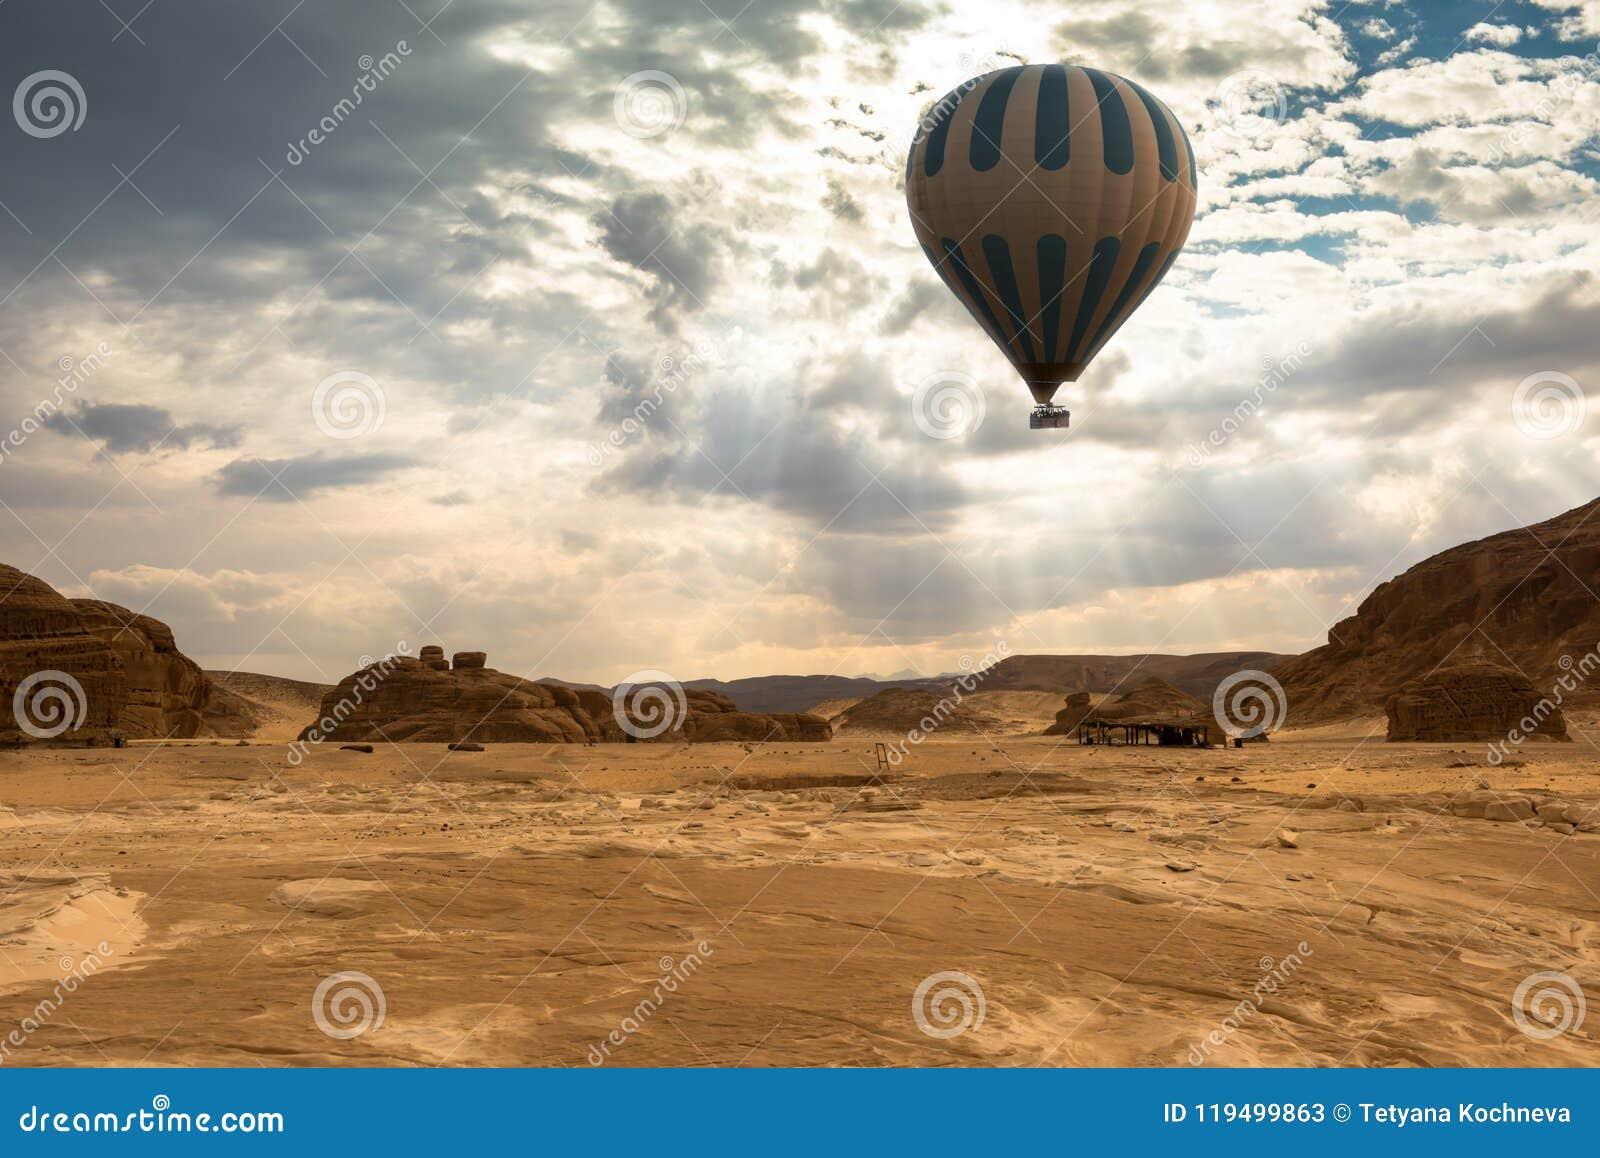 De reis van de hete Luchtballon over woestijn